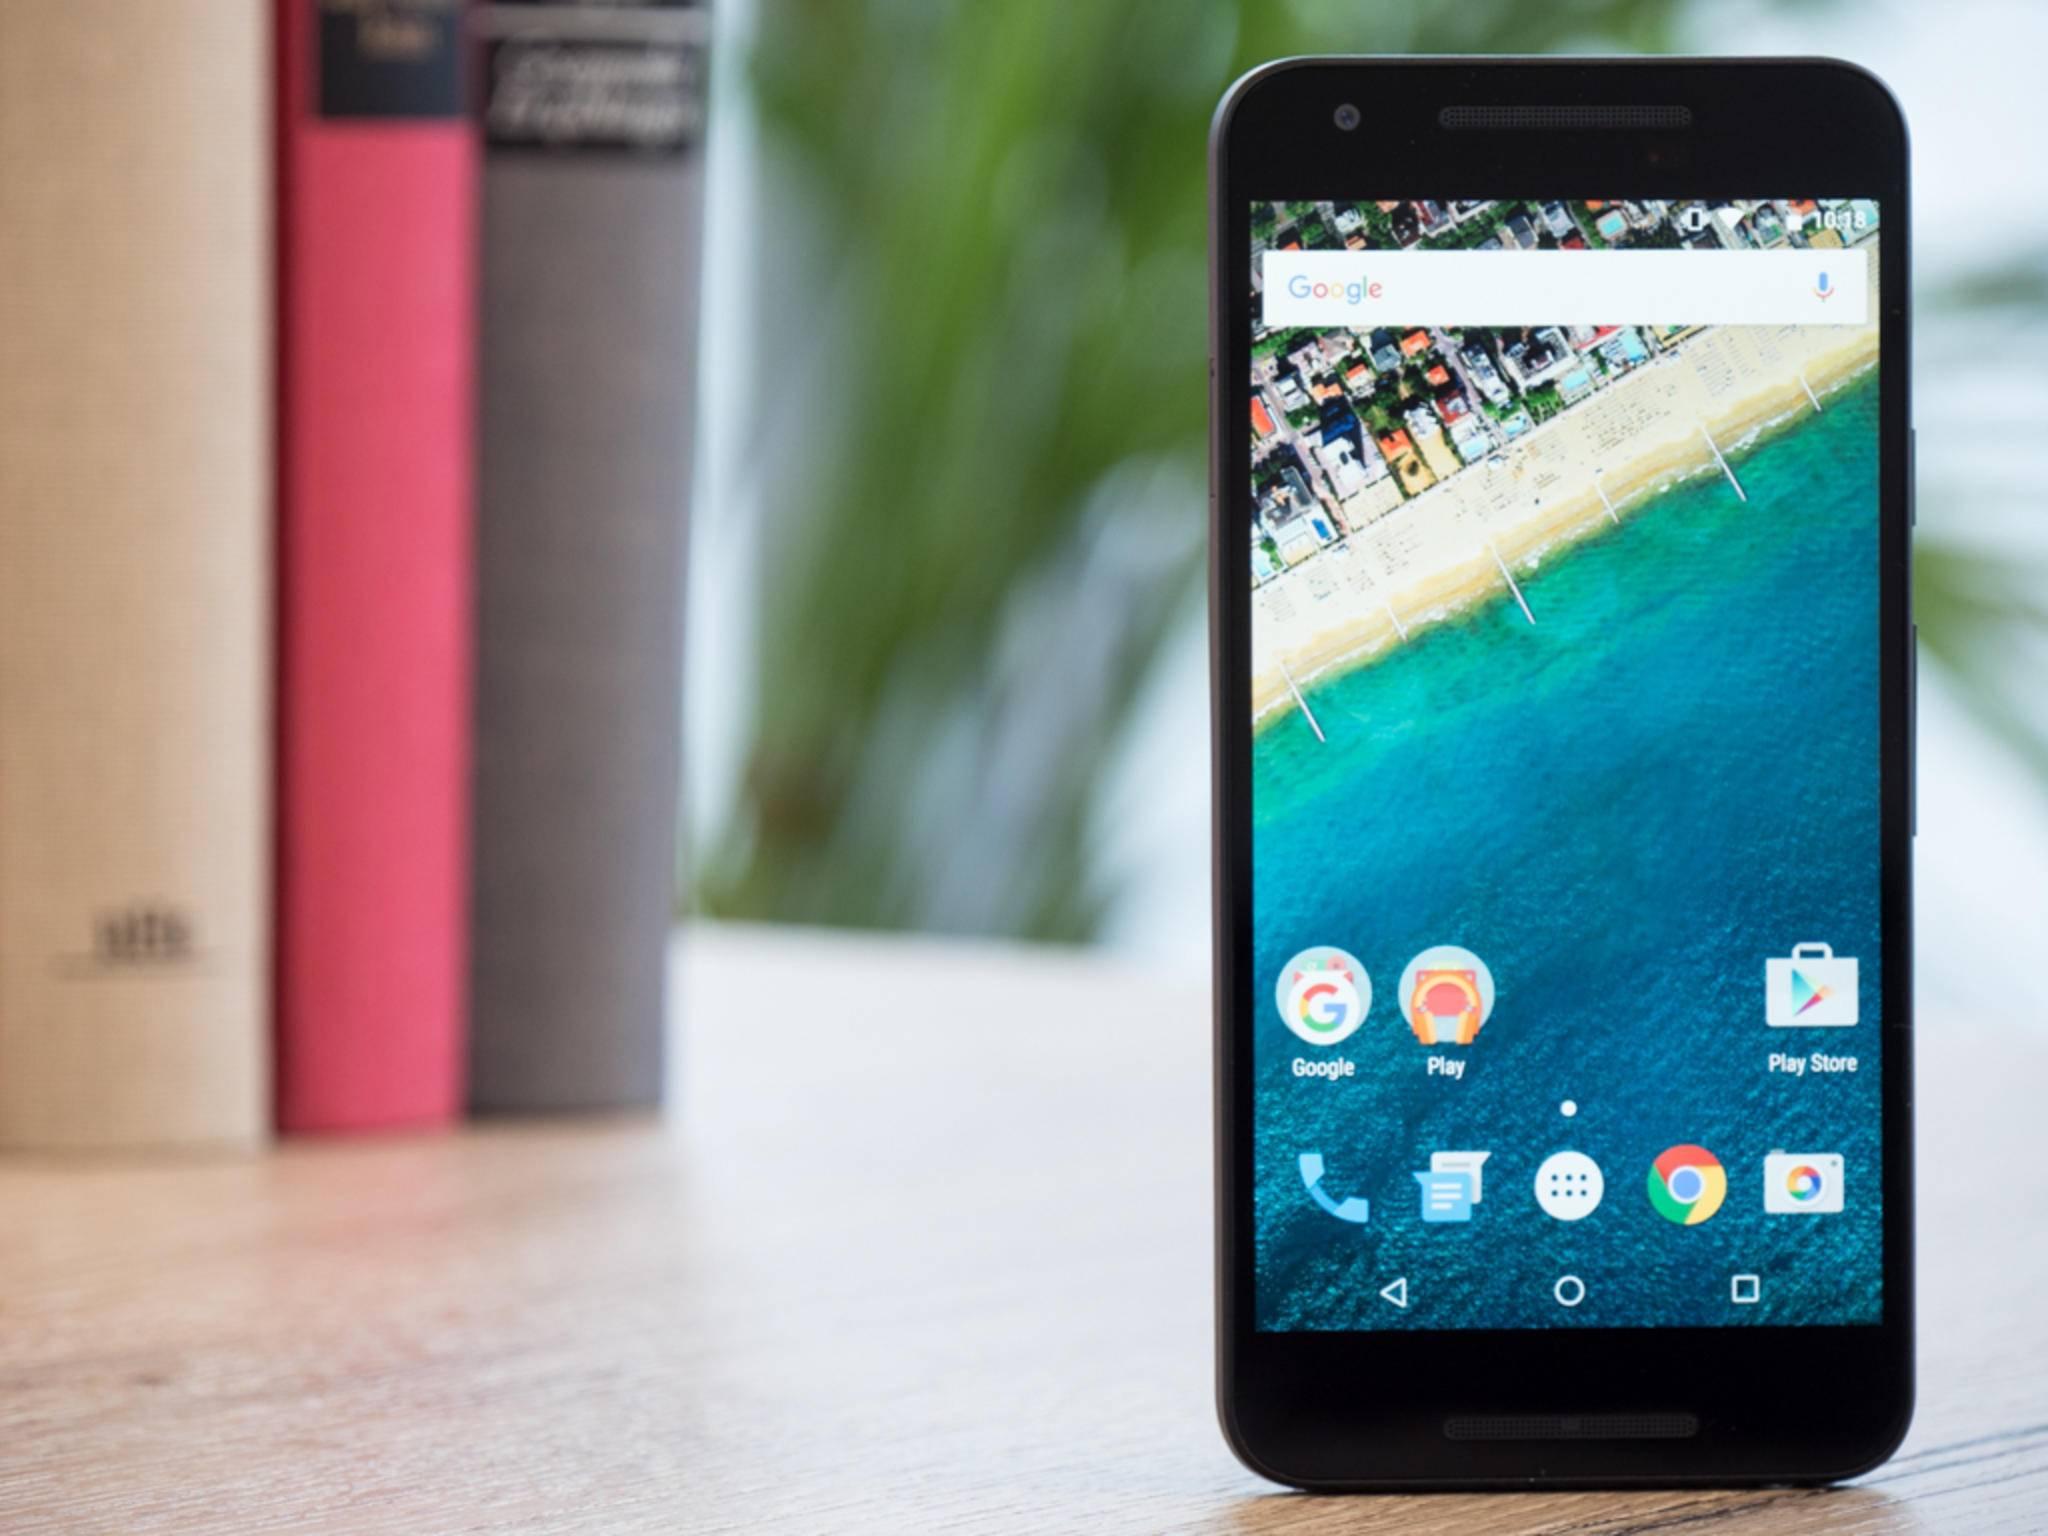 Das erste Smartphone Android 6.0 liefert eine solide Leistung.